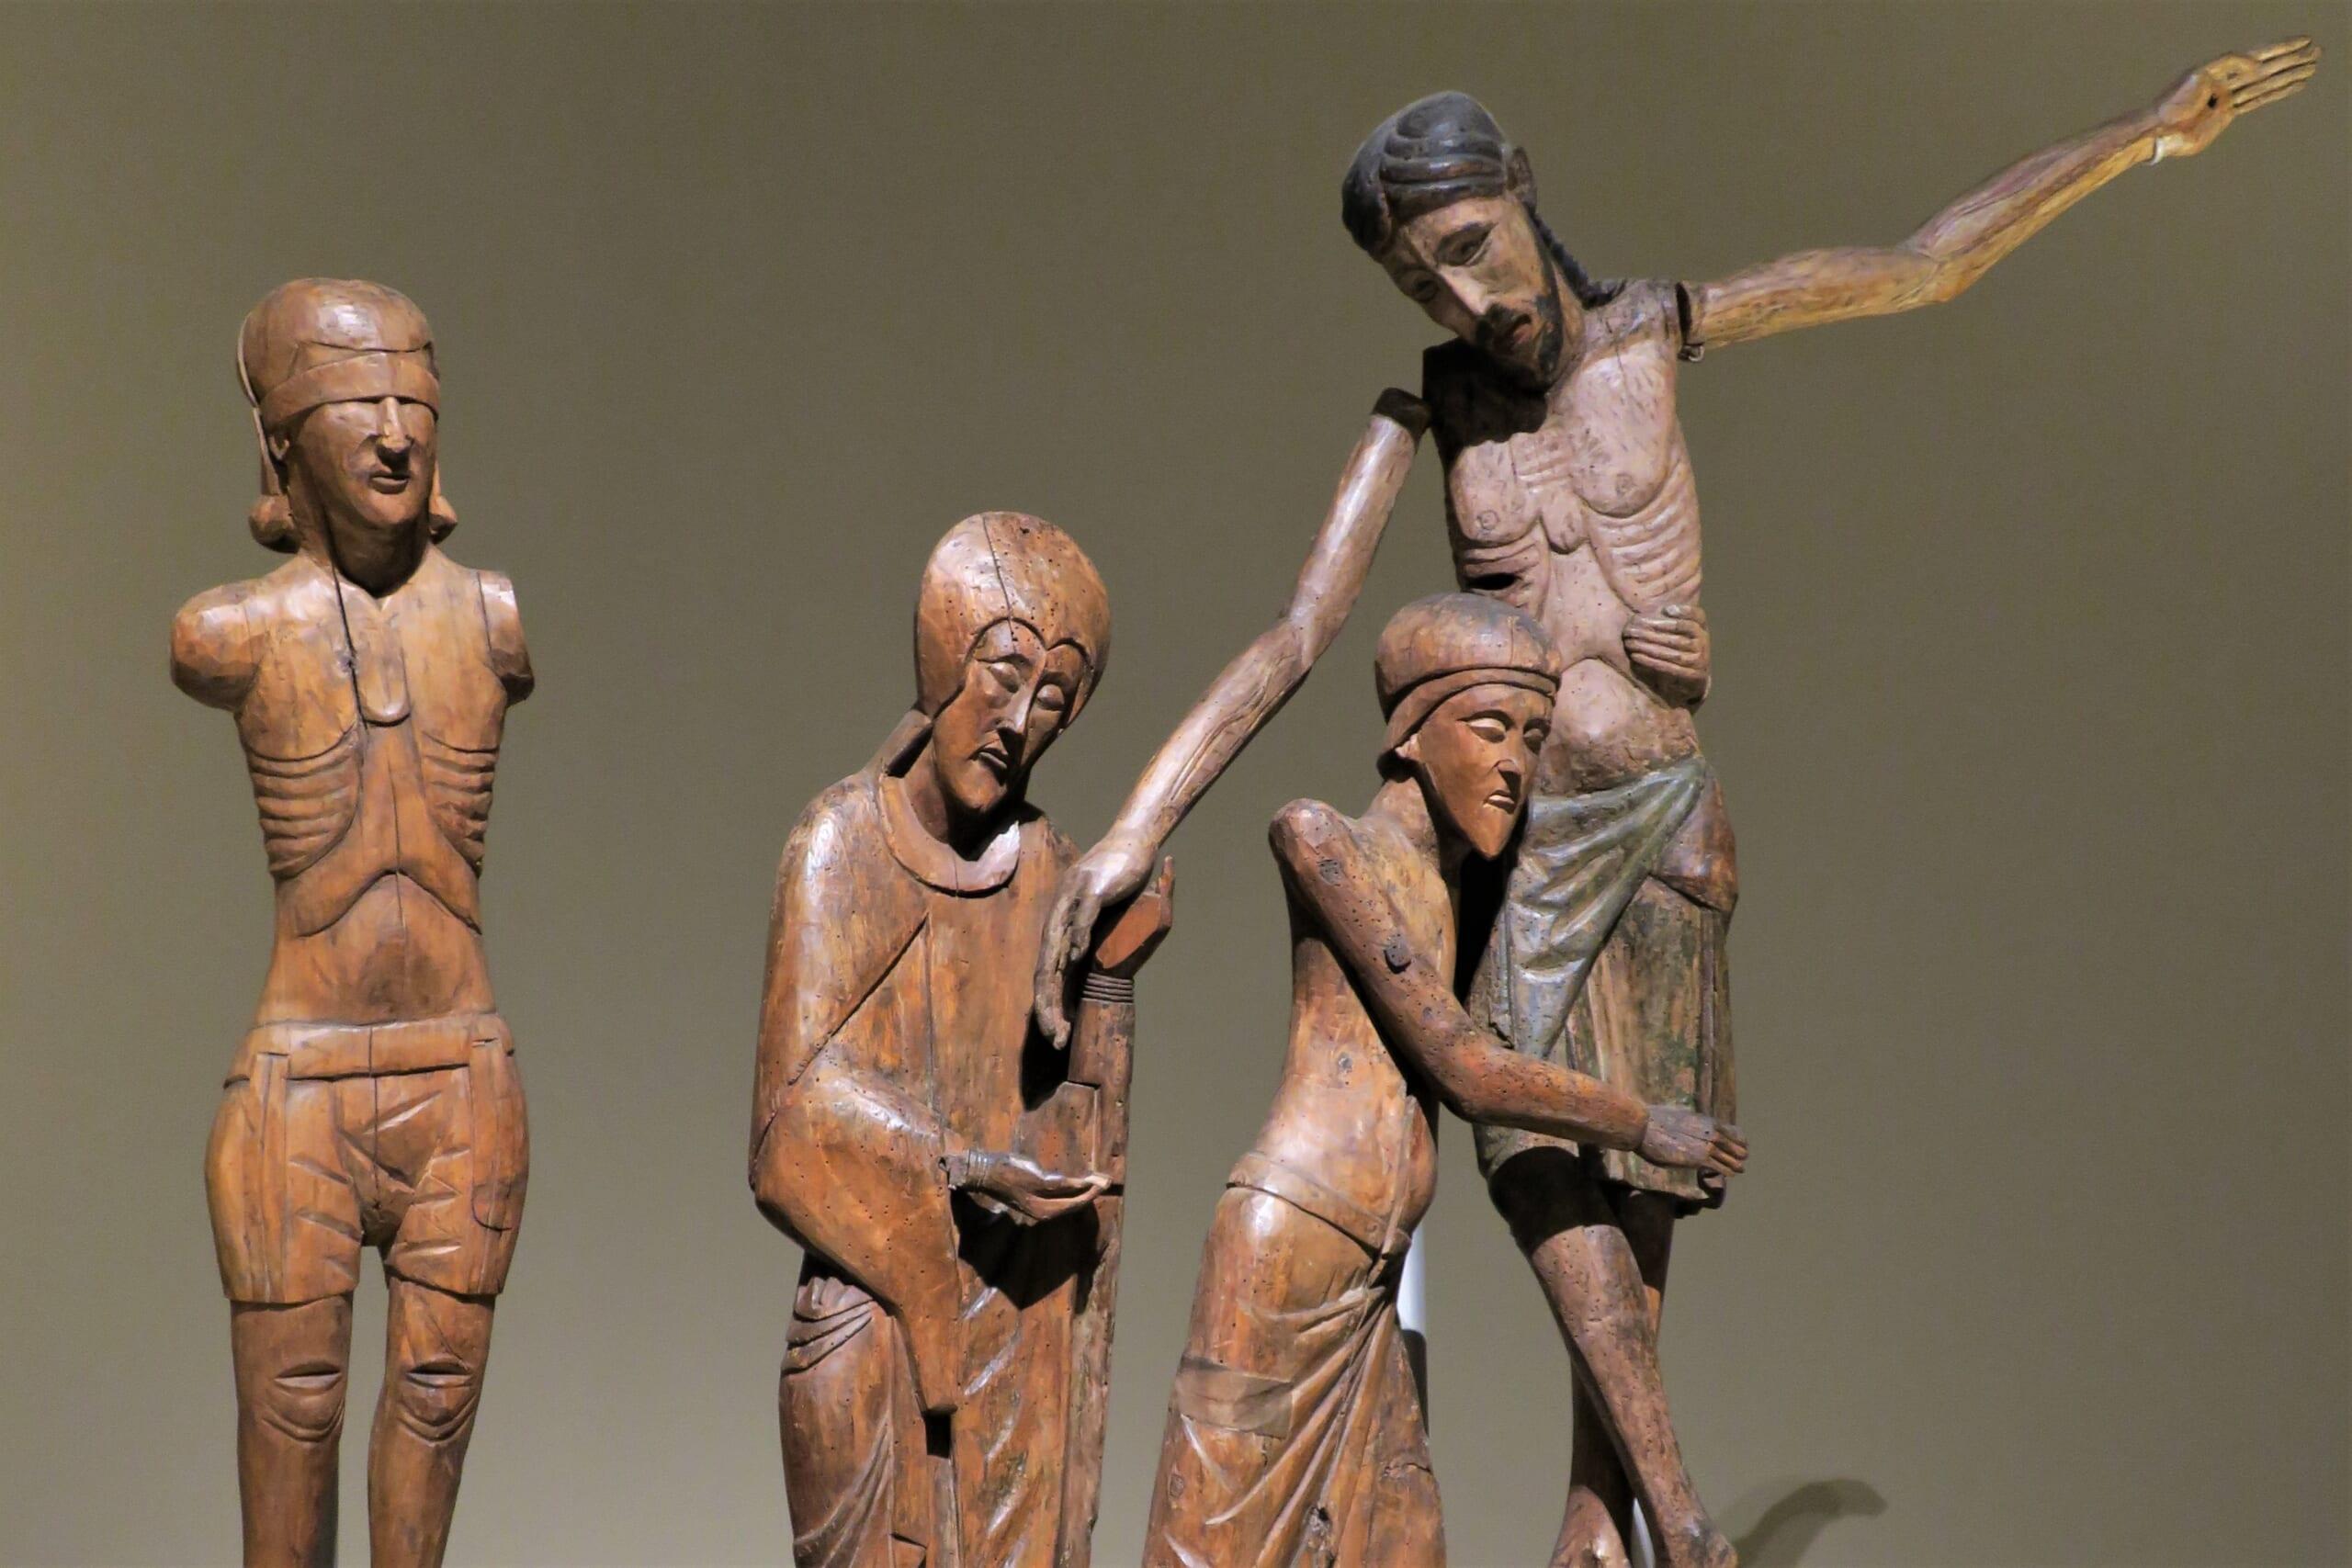 北スペインのロマネスク様式の木彫